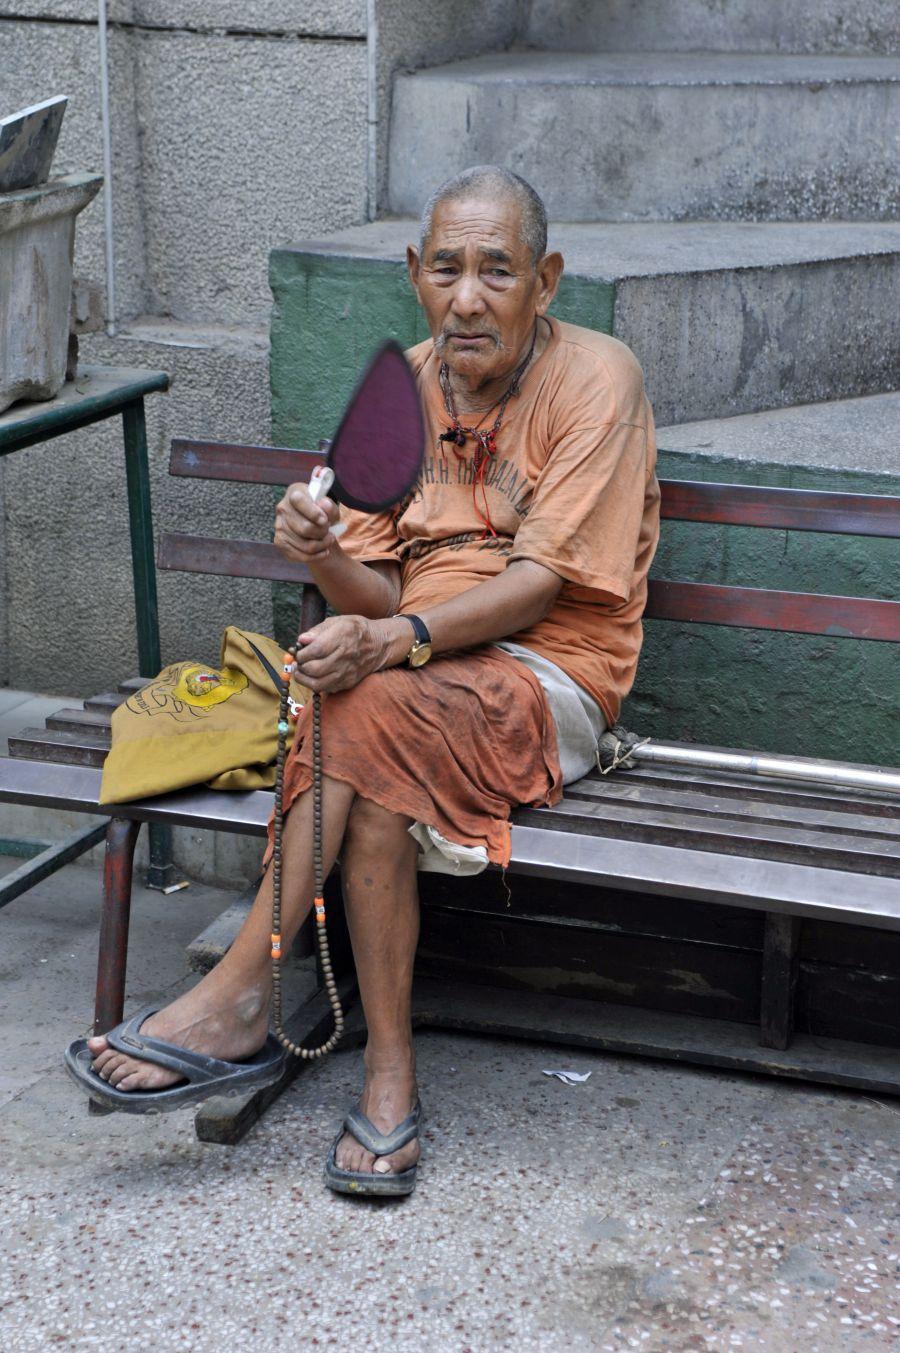 dans le quartier tibétain de Delhi